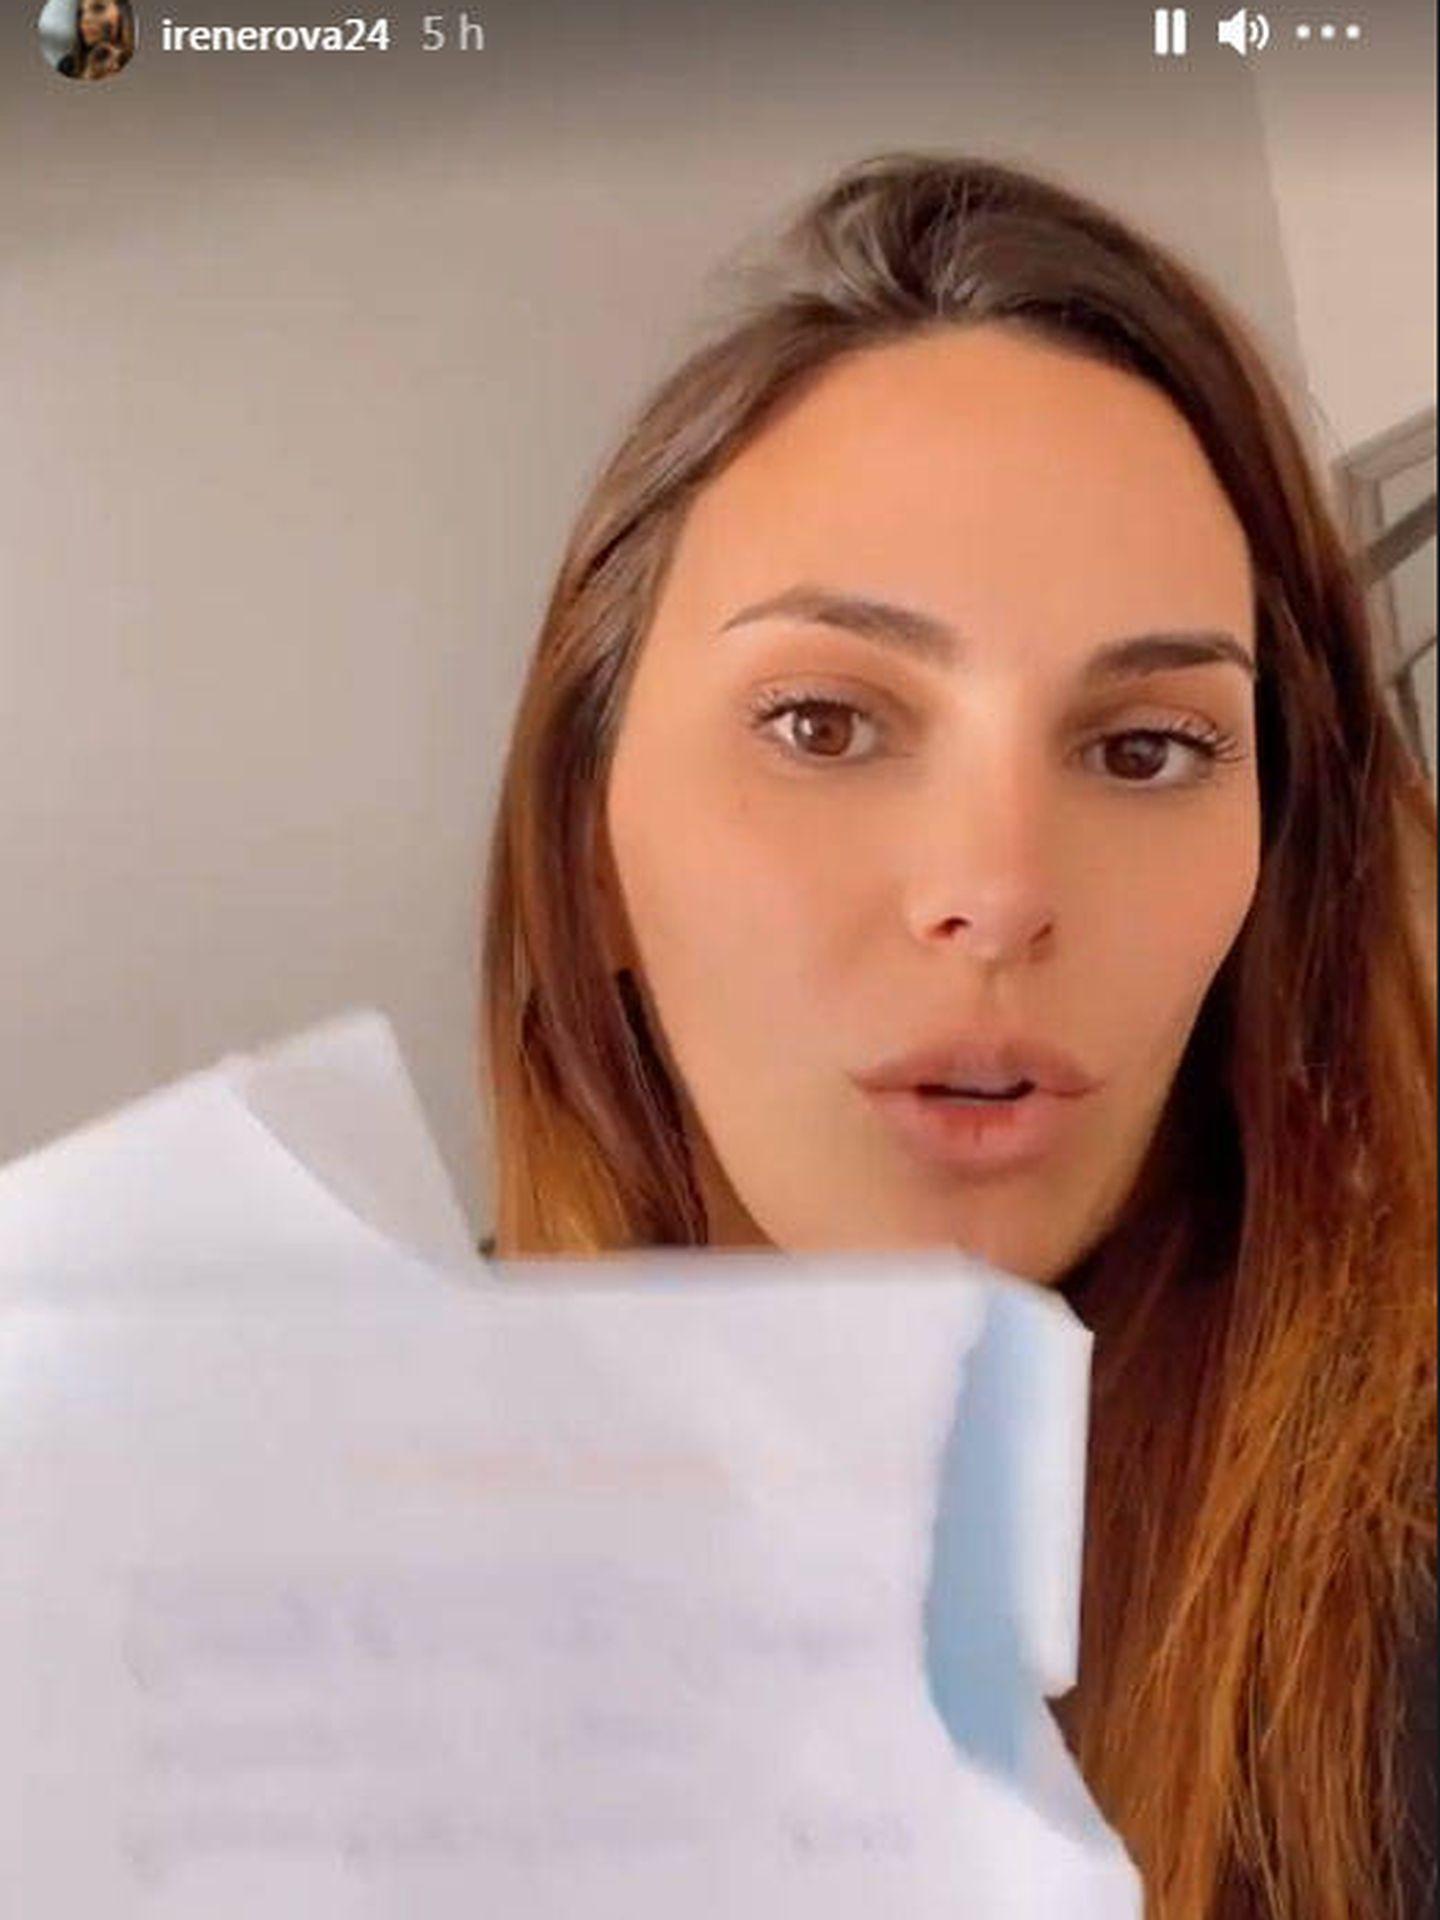 Irene Rosales, mostrando las cartas de amenazas. (IG @irenerova24)